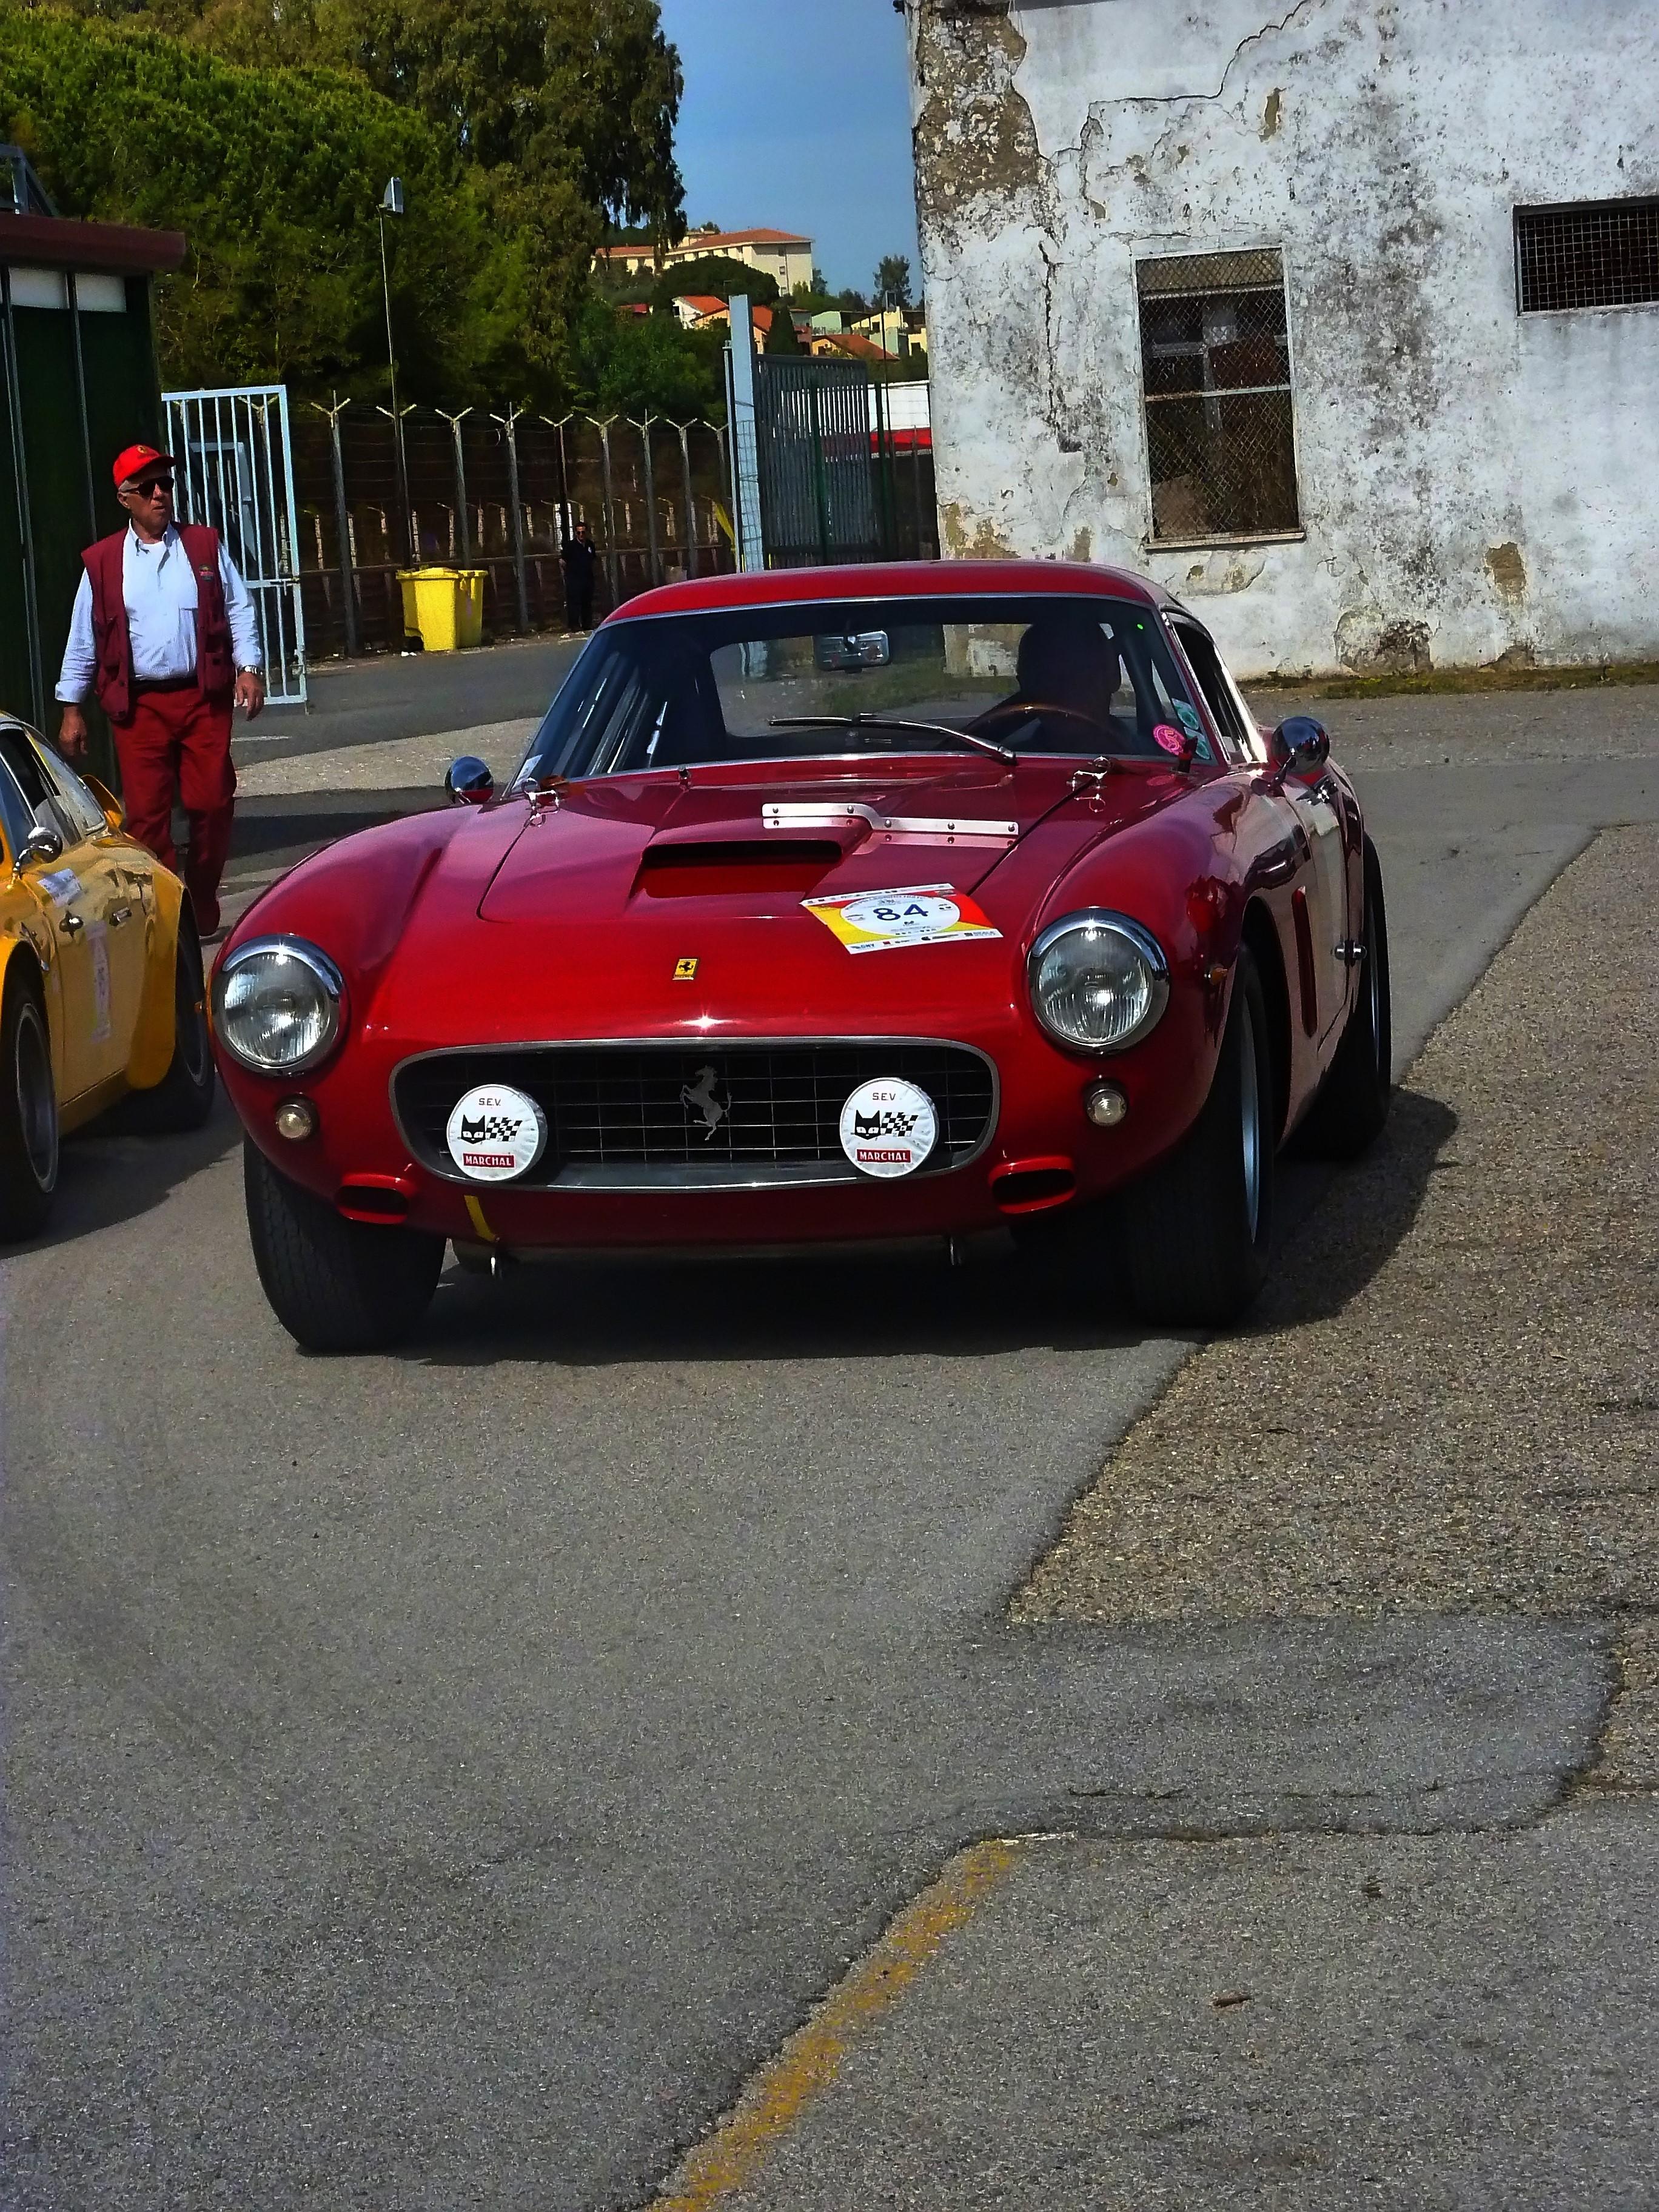 1961 Ferrari 250 GT SWB #2701 (72)_filtered